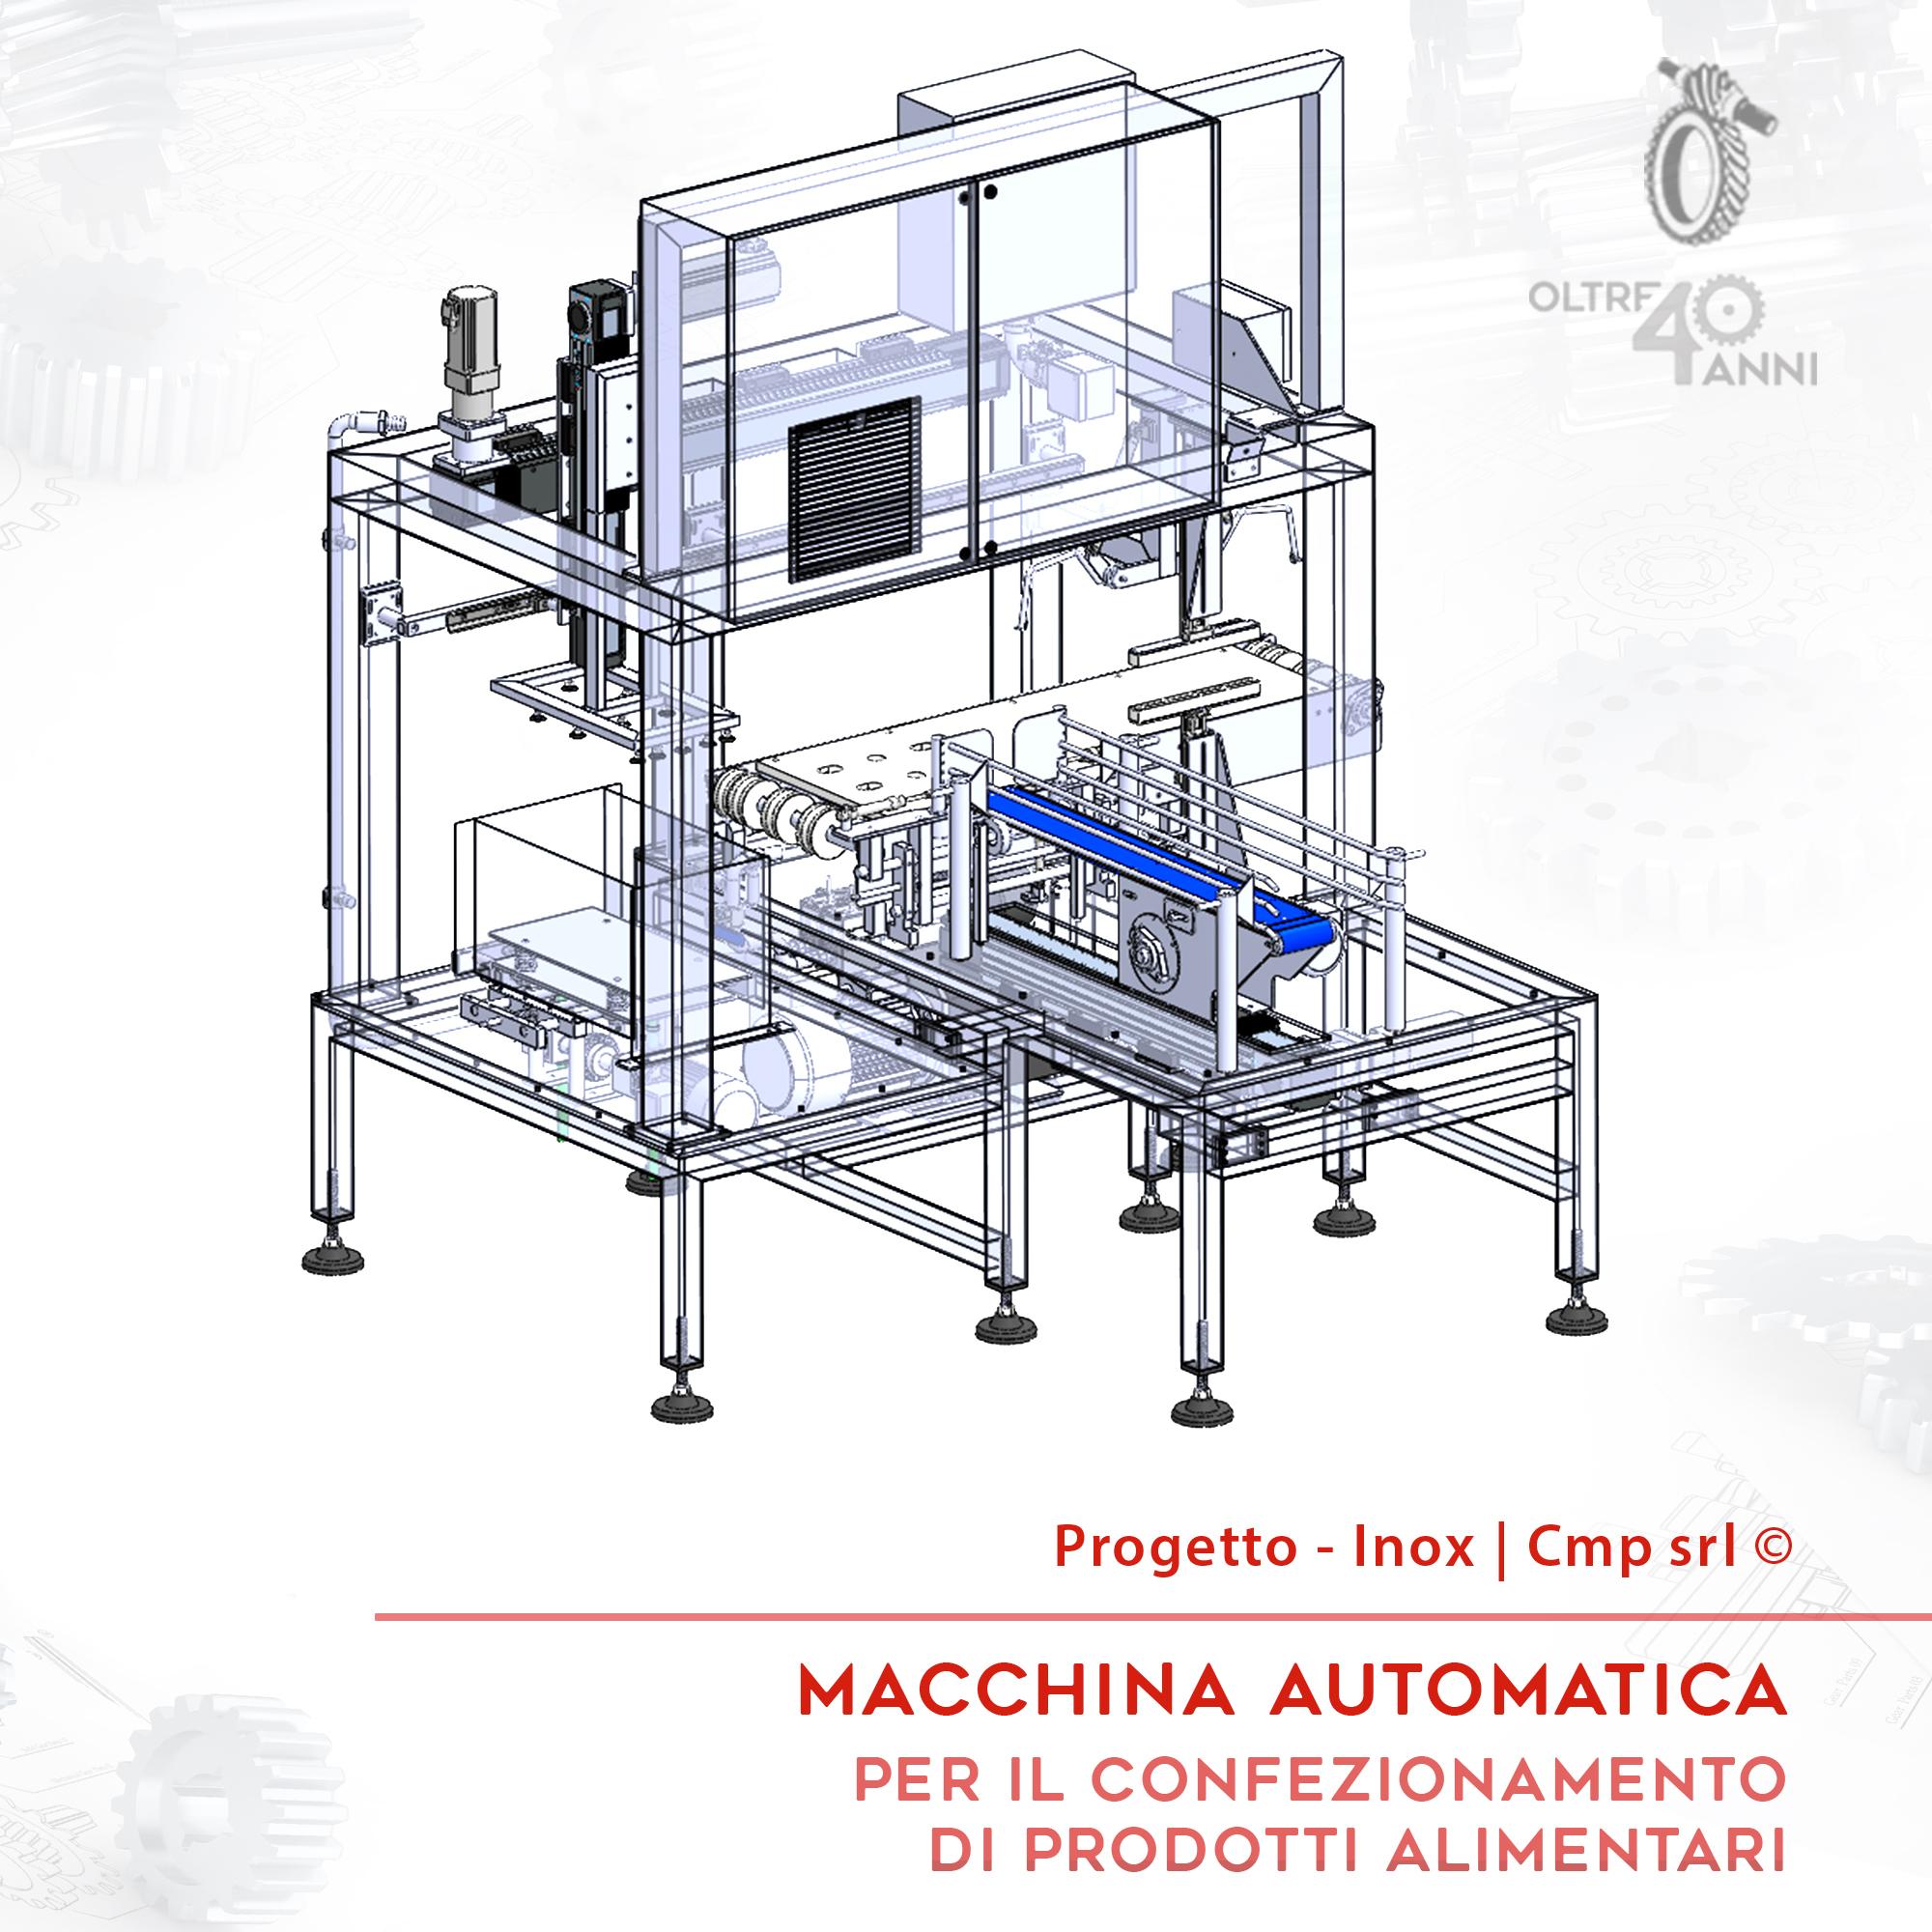 macchina-automatica-confezionamento-prodotti-alimentari-fig-6-q